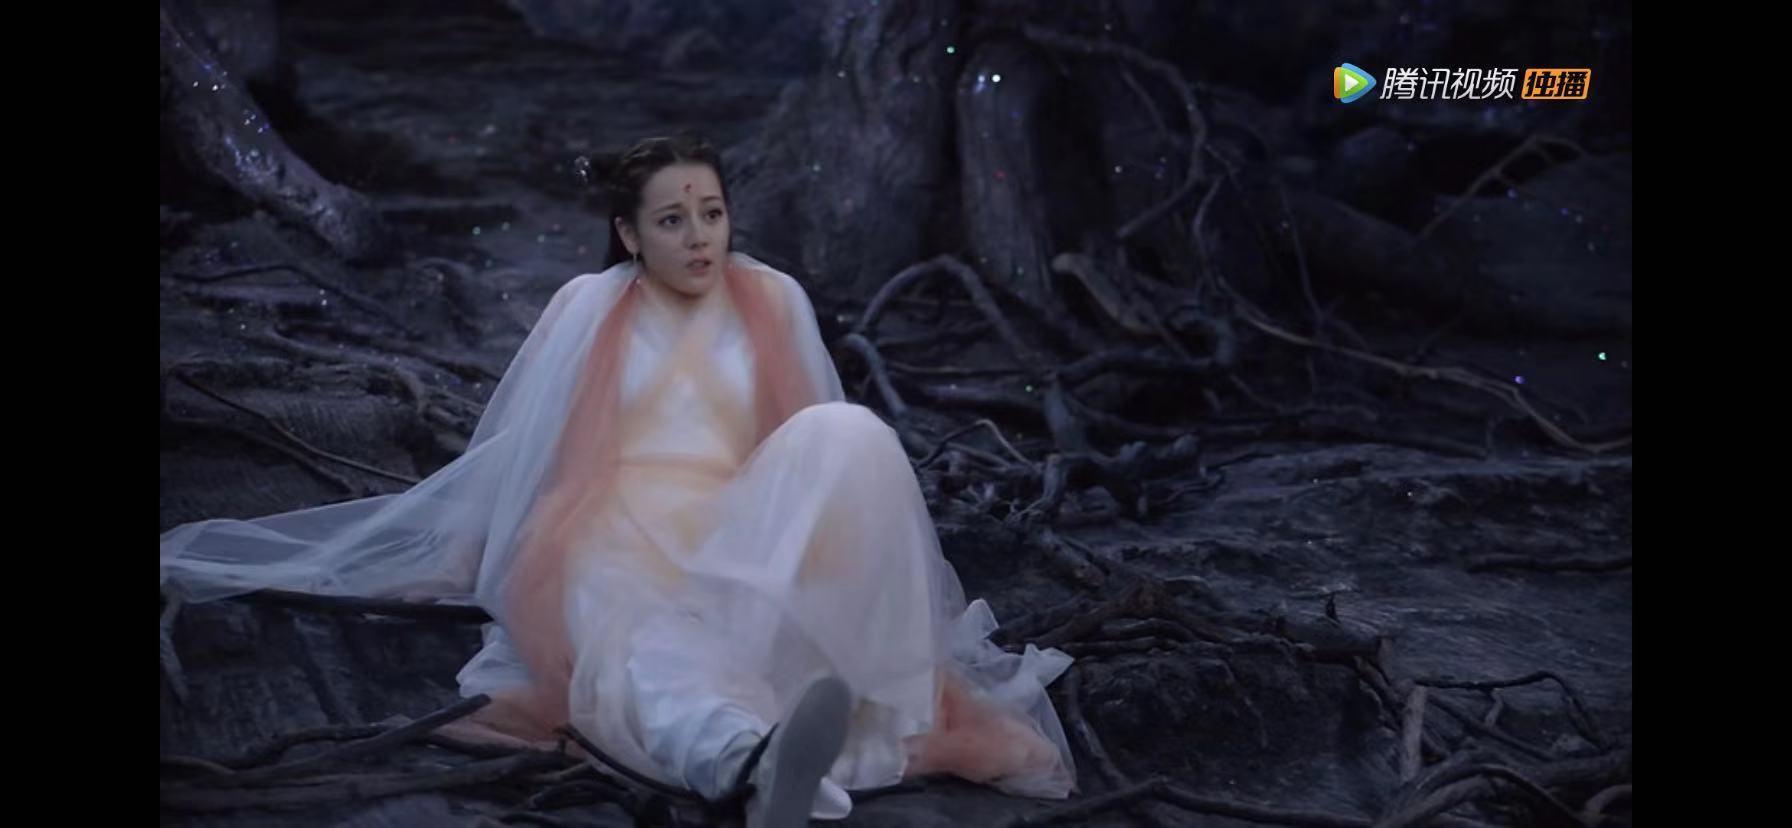 《三生三世枕上书》开播,迪丽热巴还演傻白甜,滤镜不给力变村姑